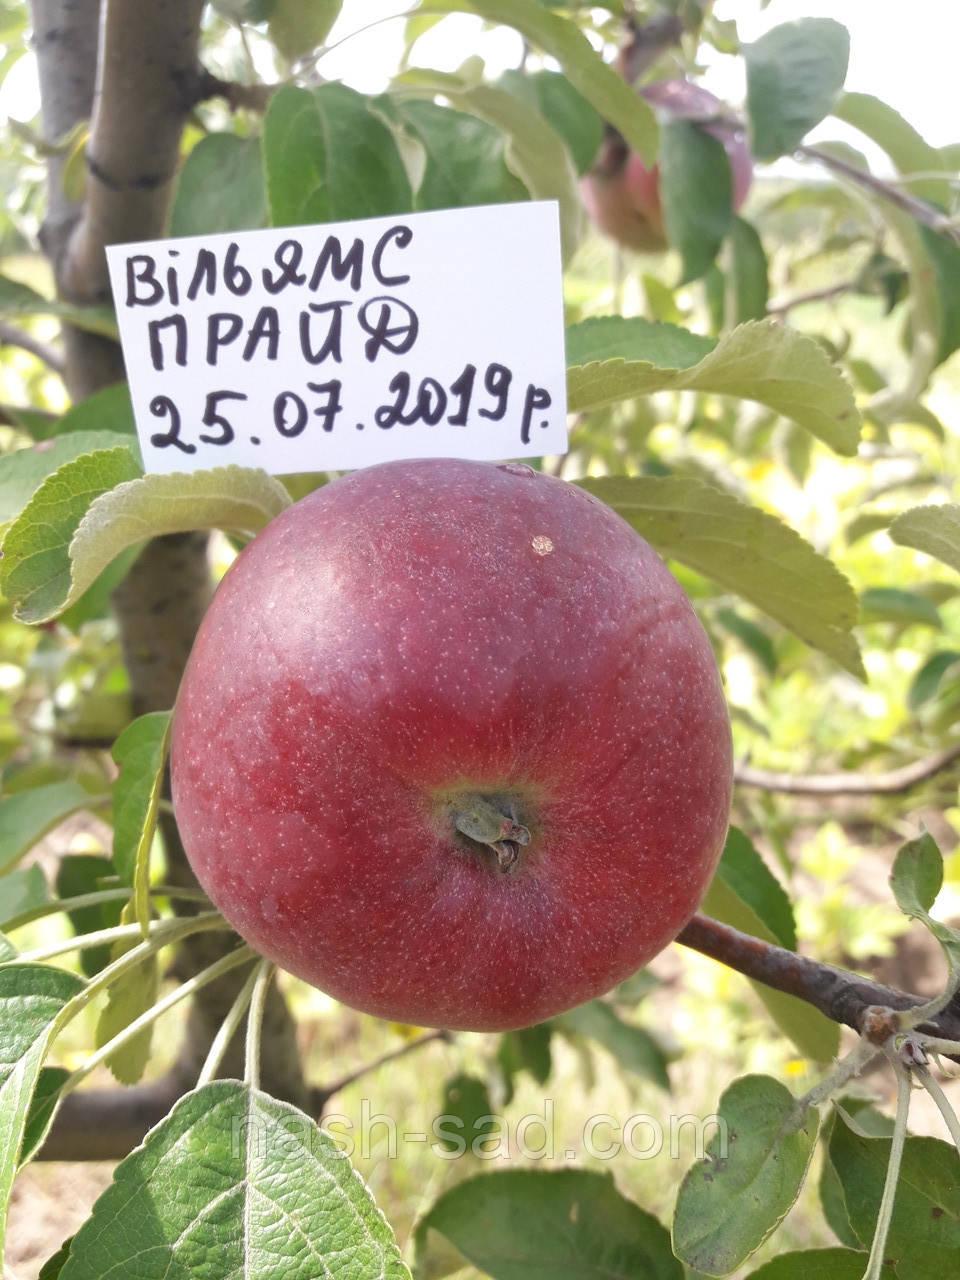 Саженцы яблони Вильямс Прайд (США)